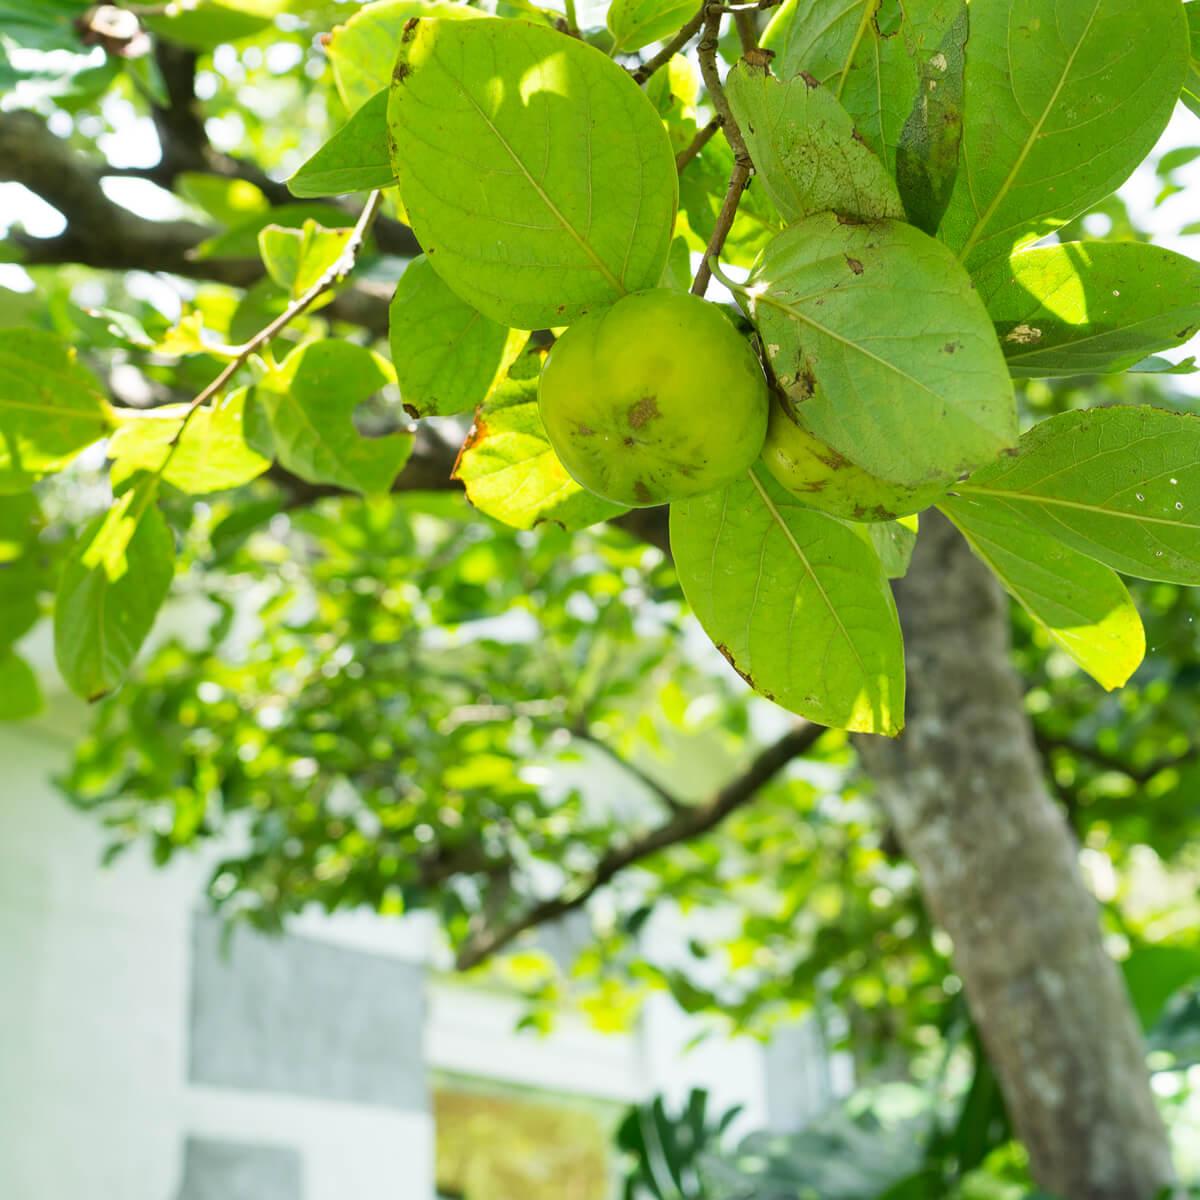 秋の気配?屋久島の柿。しずくギャラリーで結婚指輪の相談会。エメラルドは森の色